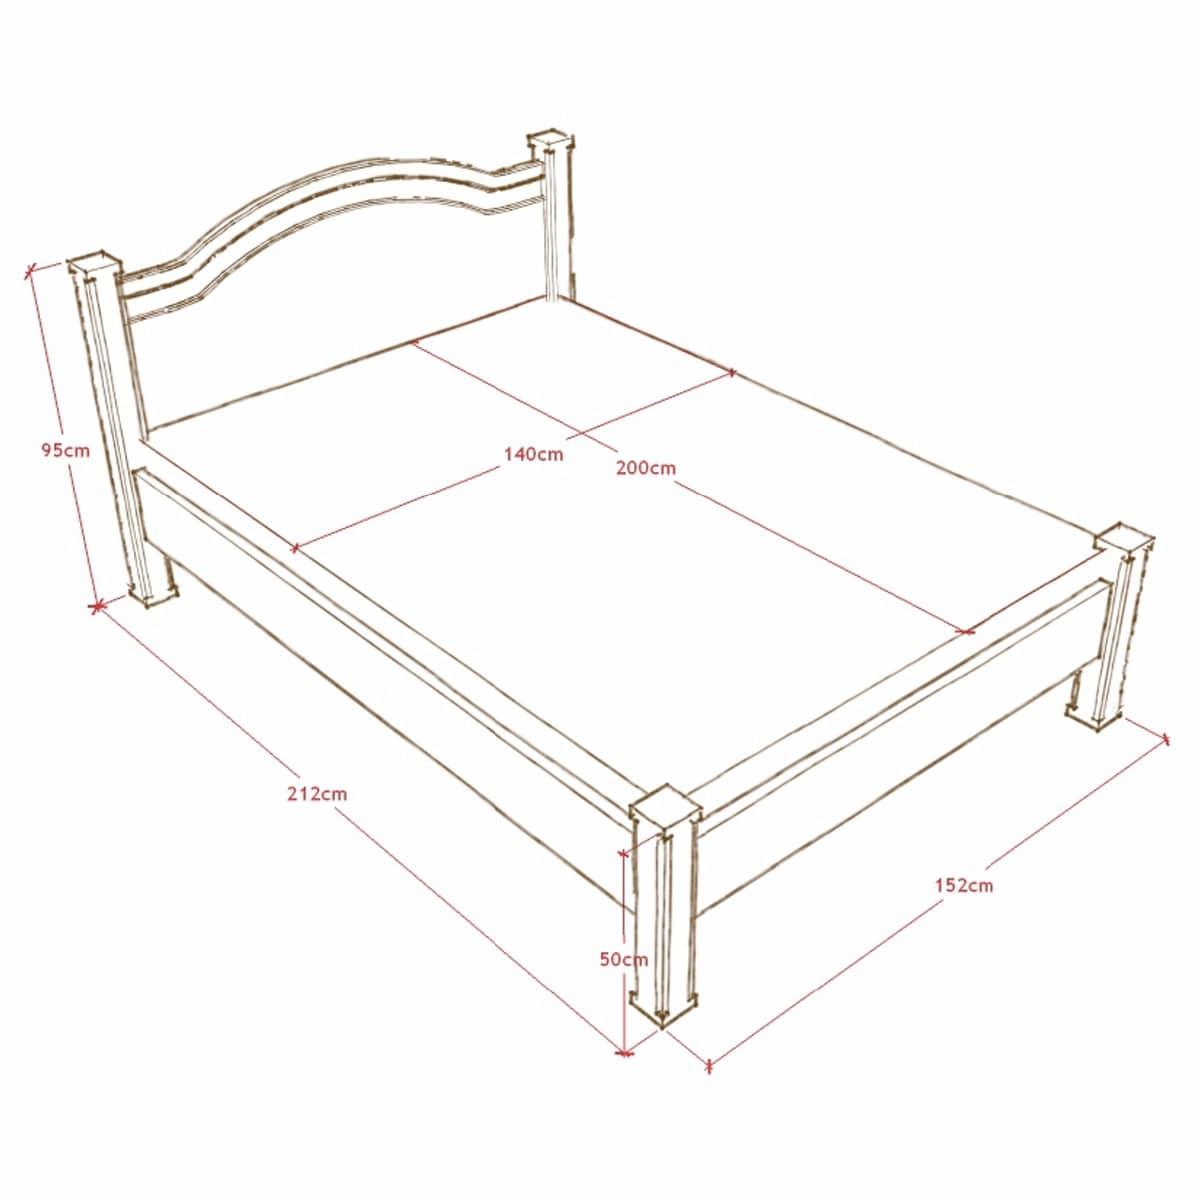 łóżko drewniane rustykalne warszawa